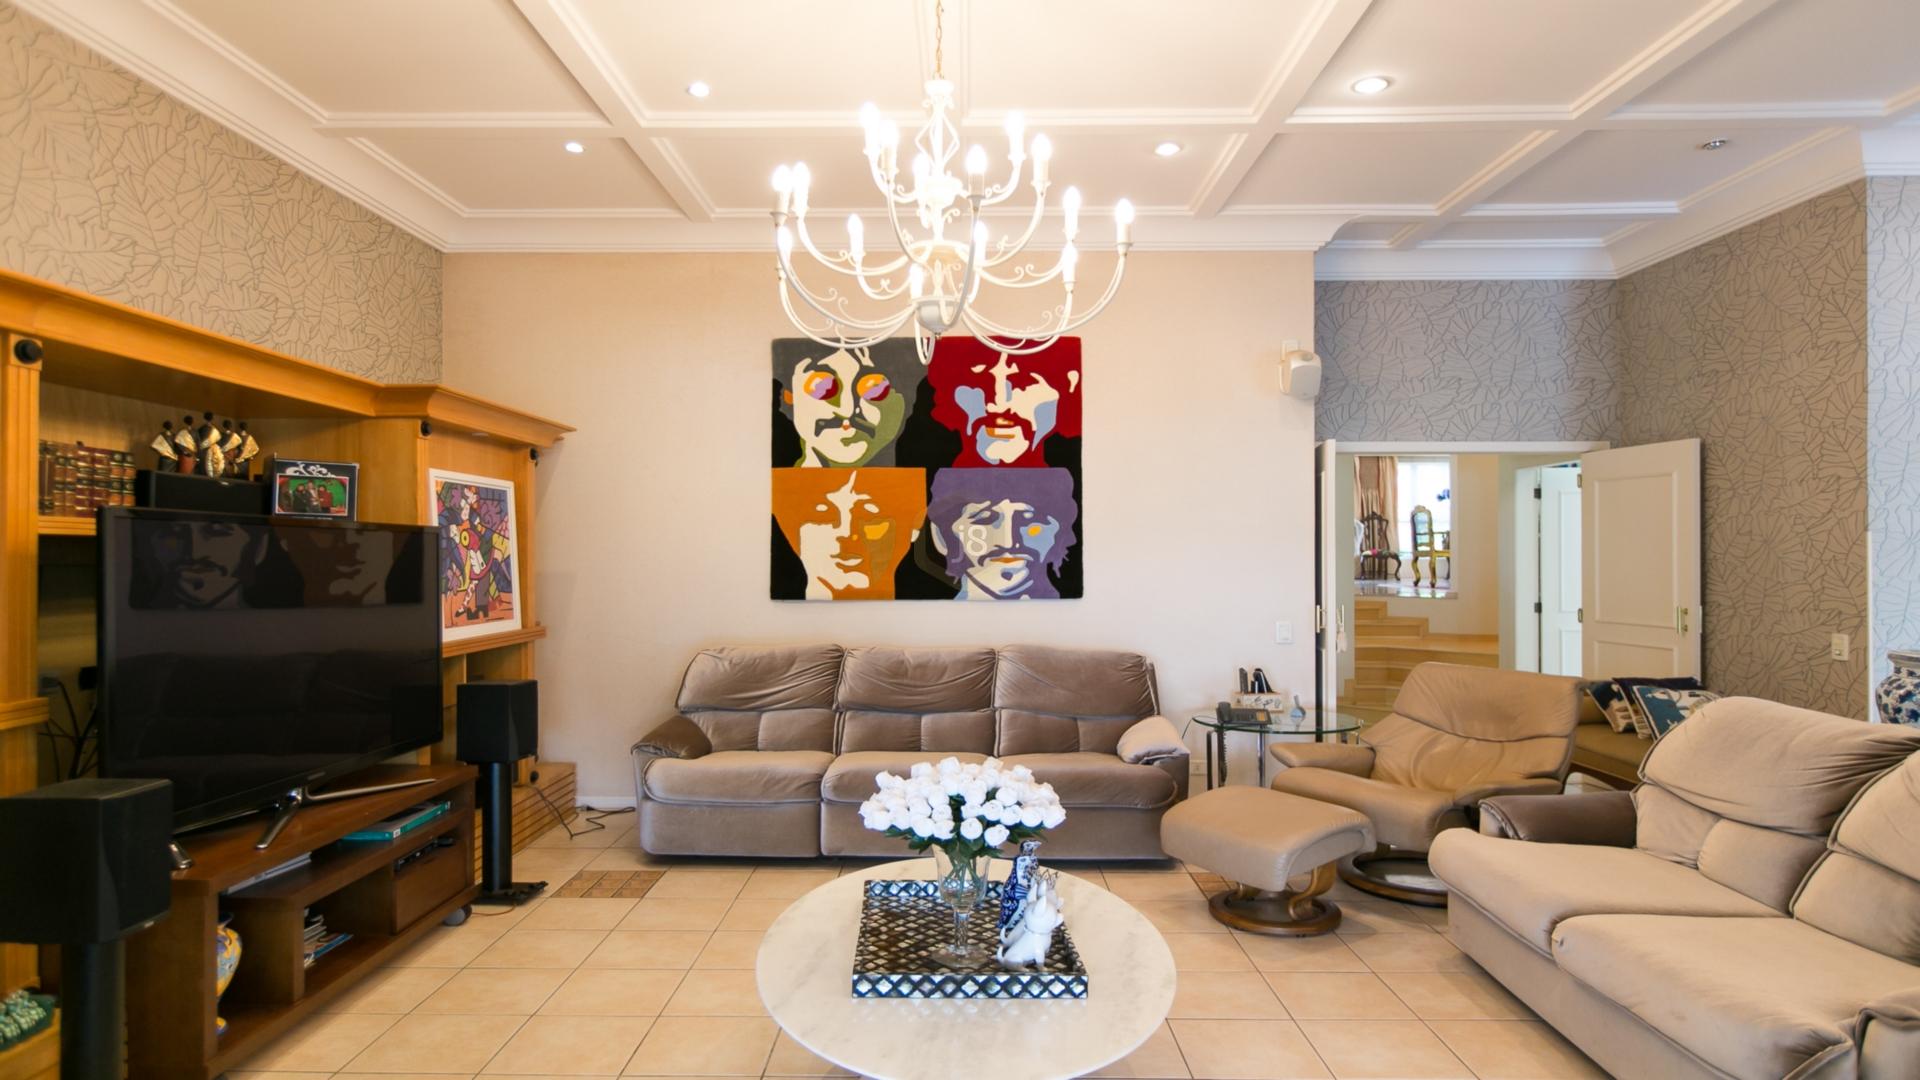 Casa Em Condominio de 4 dormitórios à venda em São João, Curitiba - PR